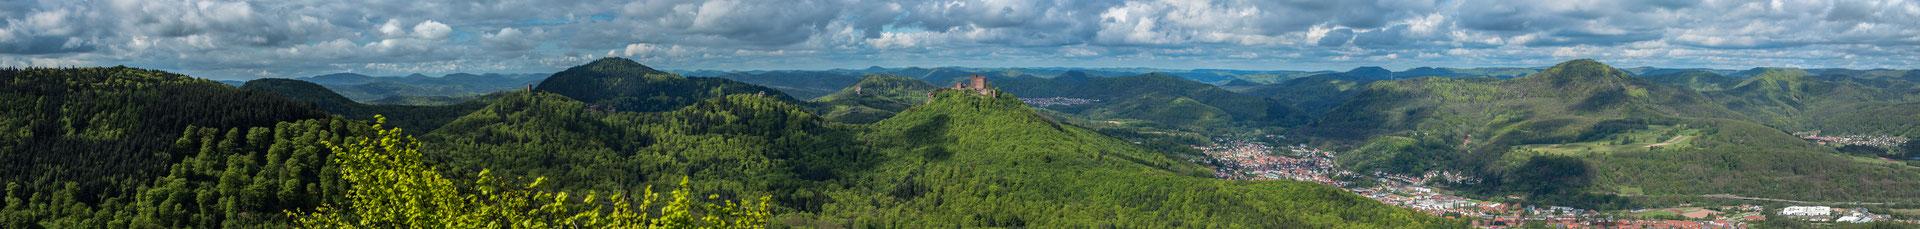 Panoramablick vom Hohenberg